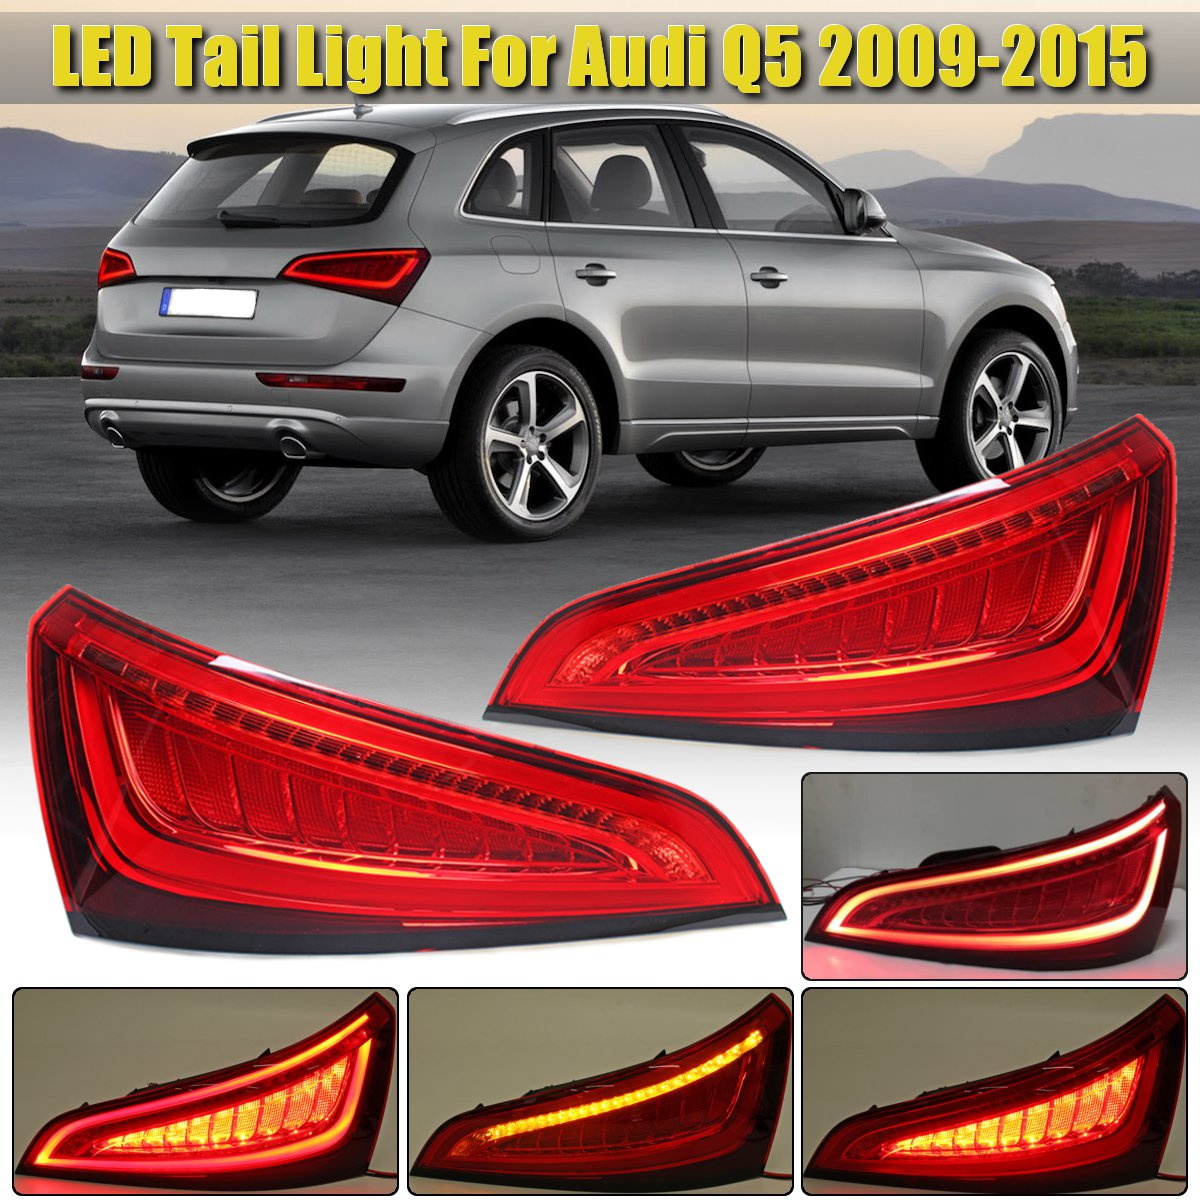 Paire feu arrière pour Audi Q5 2009 2010 2011 2012 2013 2014 2015 LED feu arrière clignotant feu arrière